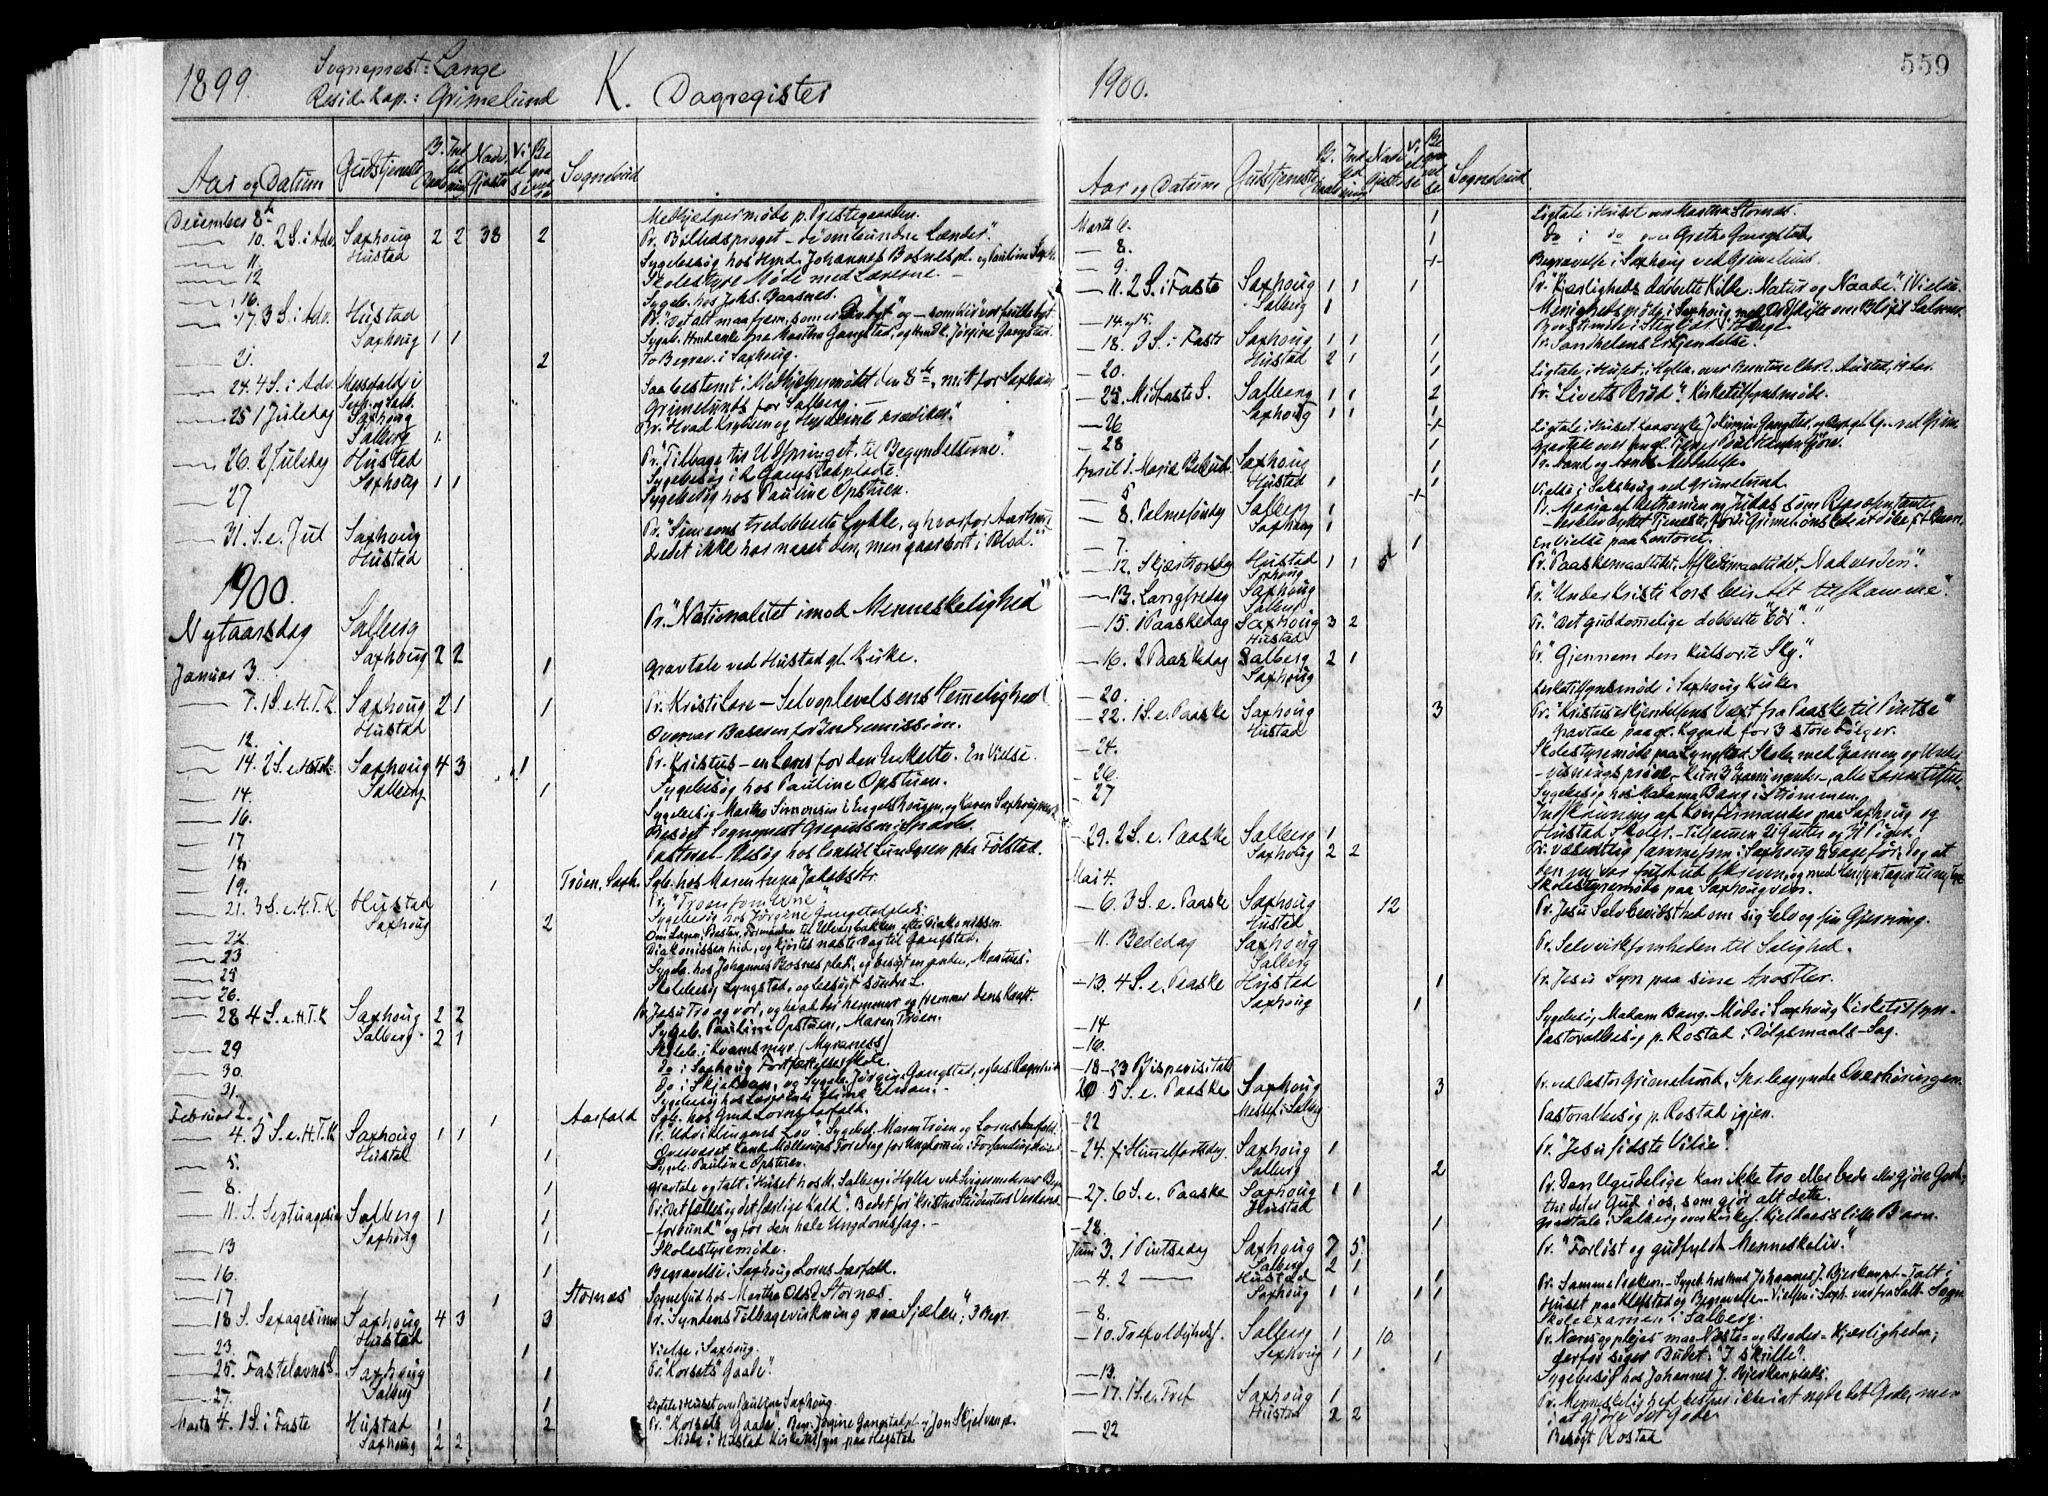 SAT, Ministerialprotokoller, klokkerbøker og fødselsregistre - Nord-Trøndelag, 730/L0285: Ministerialbok nr. 730A10, 1879-1914, s. 559